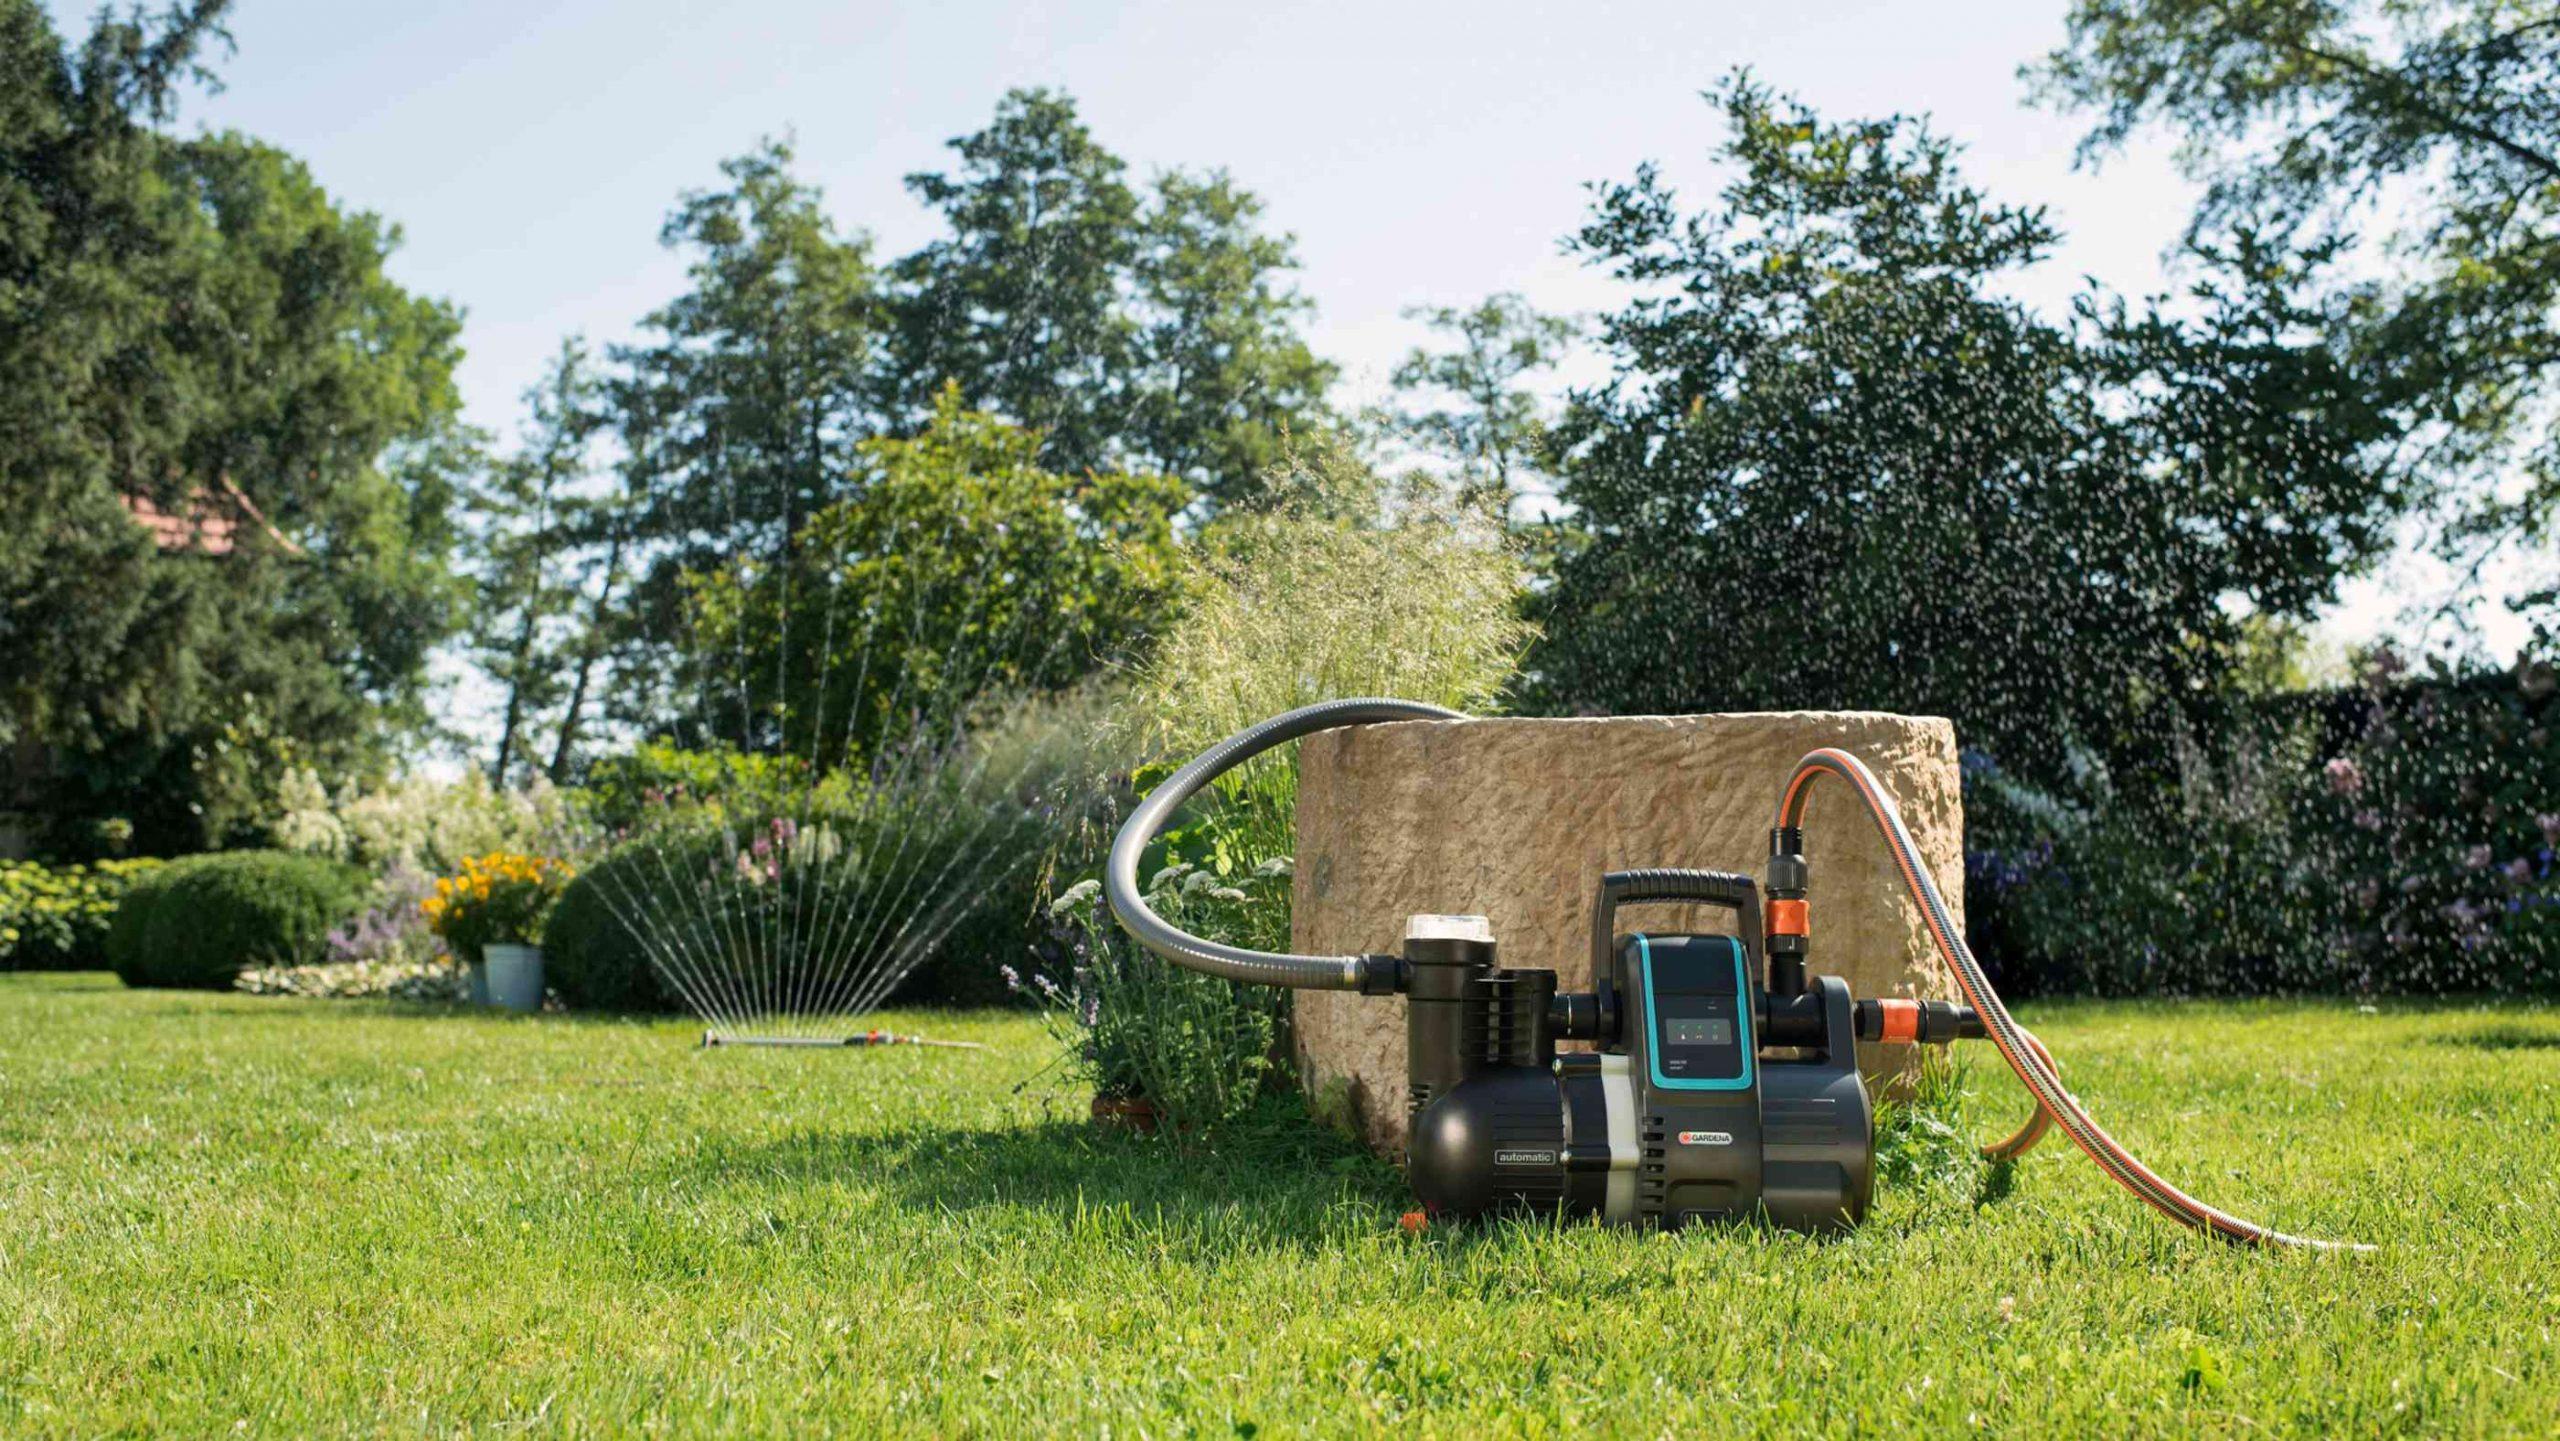 Full Size of Wassertank 1000l Obi Immobilienmakler Baden Garten Regale Einbauküche Küche Nobilia Mobile Immobilien Bad Homburg Fenster Wohnzimmer Wassertank 1000l Obi